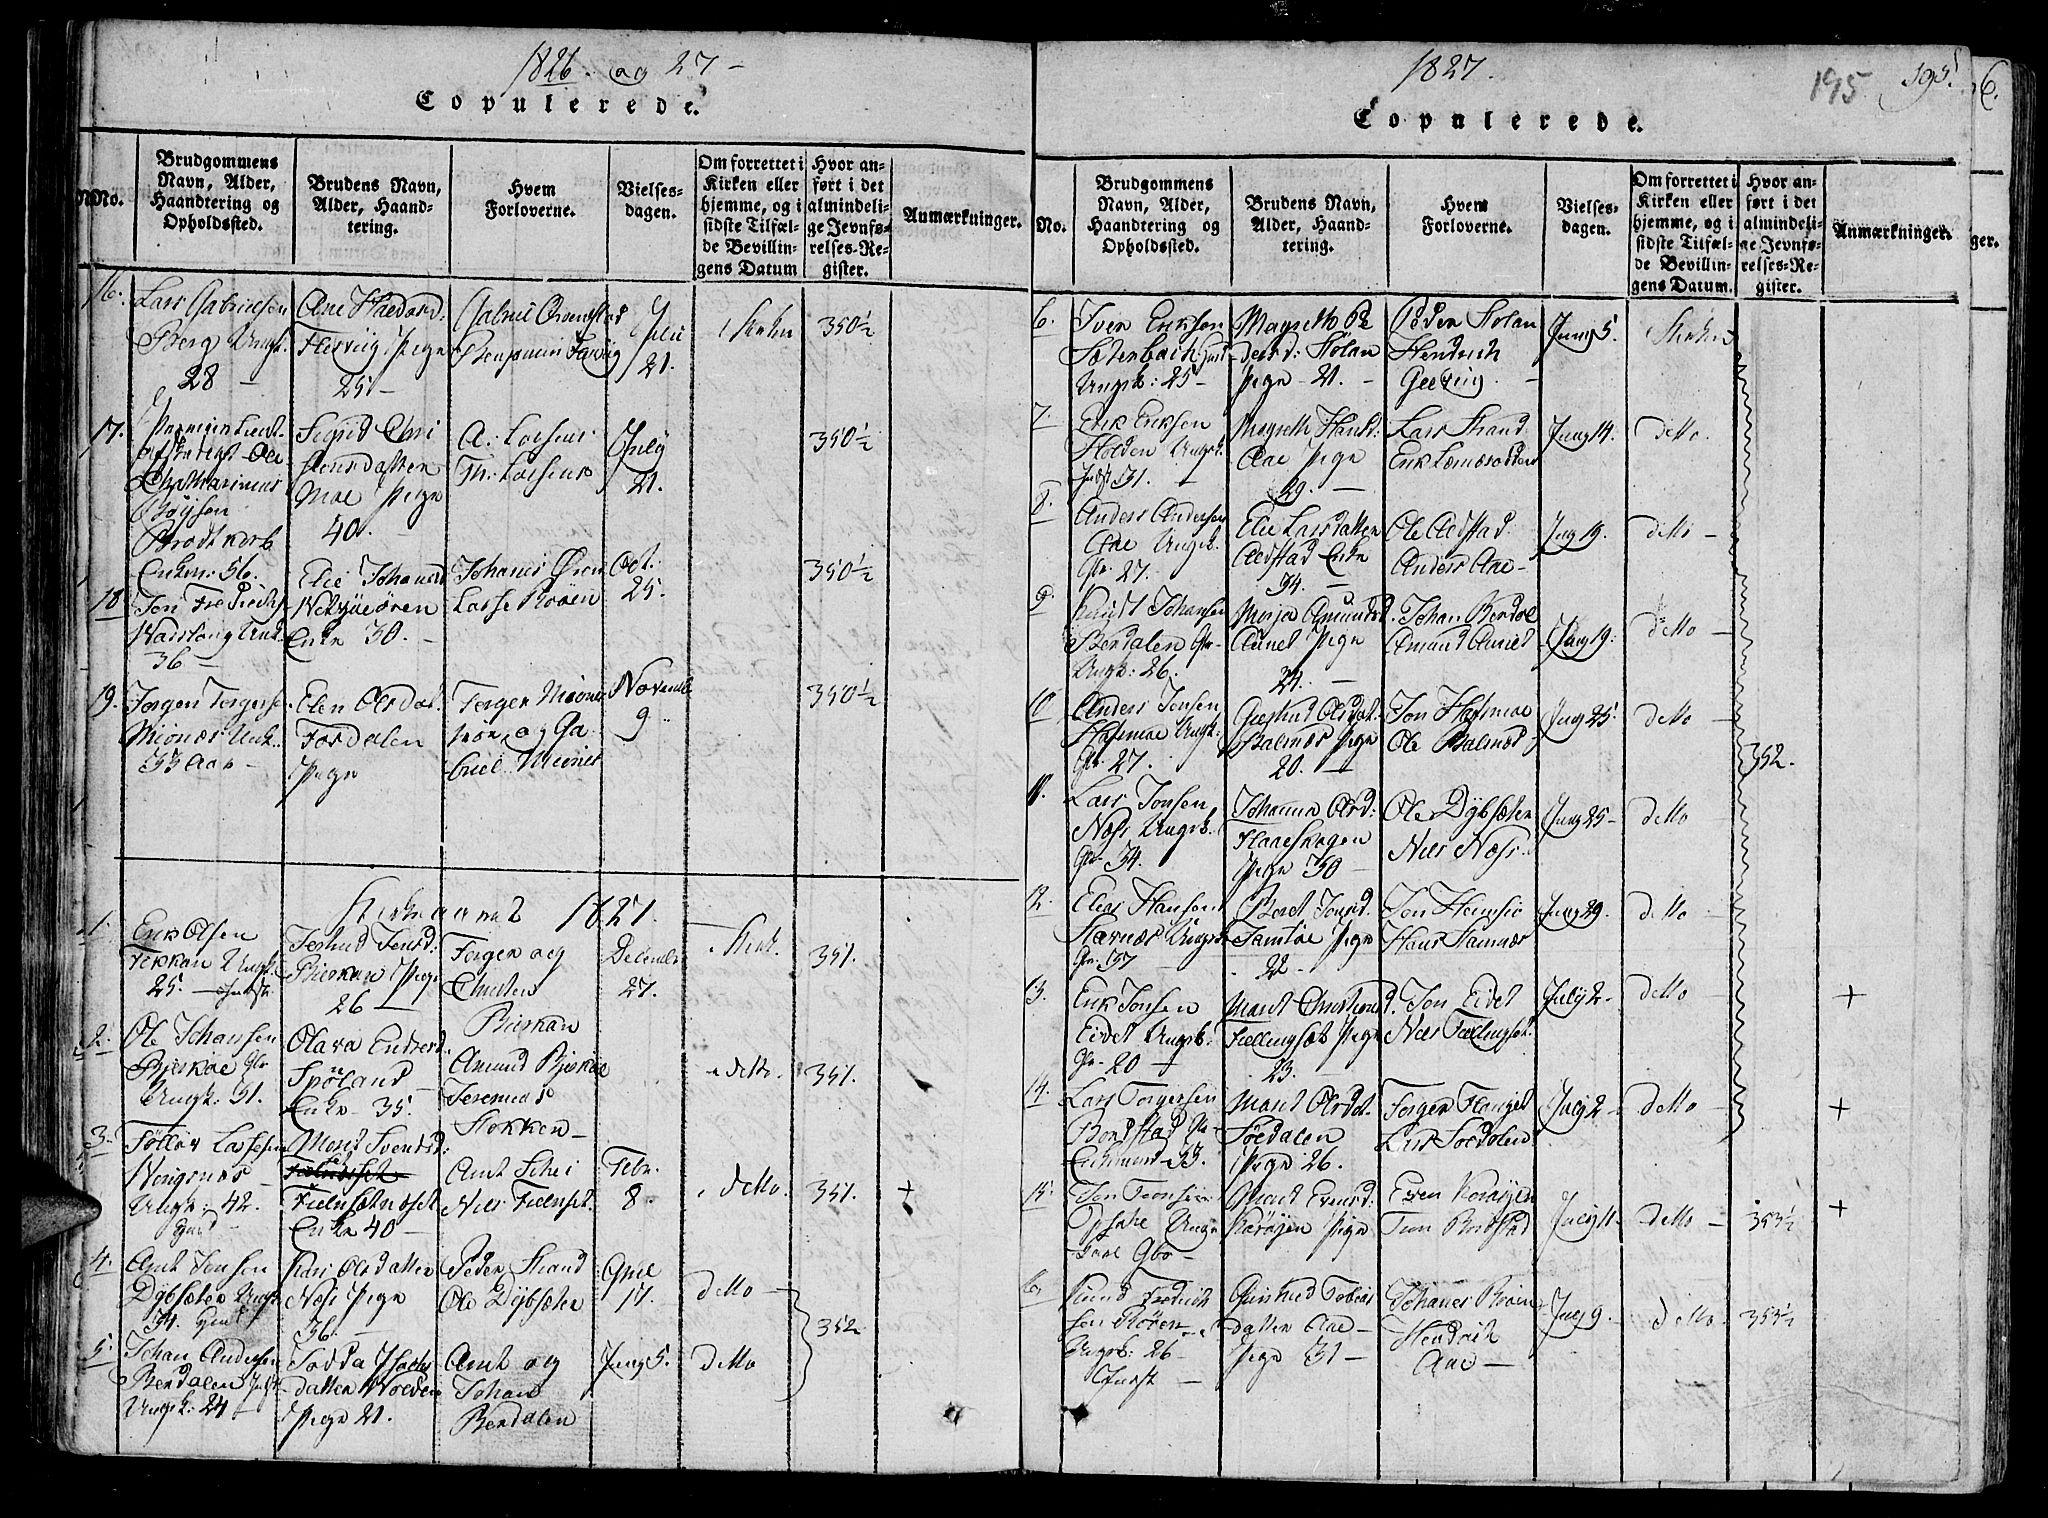 SAT, Ministerialprotokoller, klokkerbøker og fødselsregistre - Sør-Trøndelag, 630/L0491: Ministerialbok nr. 630A04, 1818-1830, s. 195